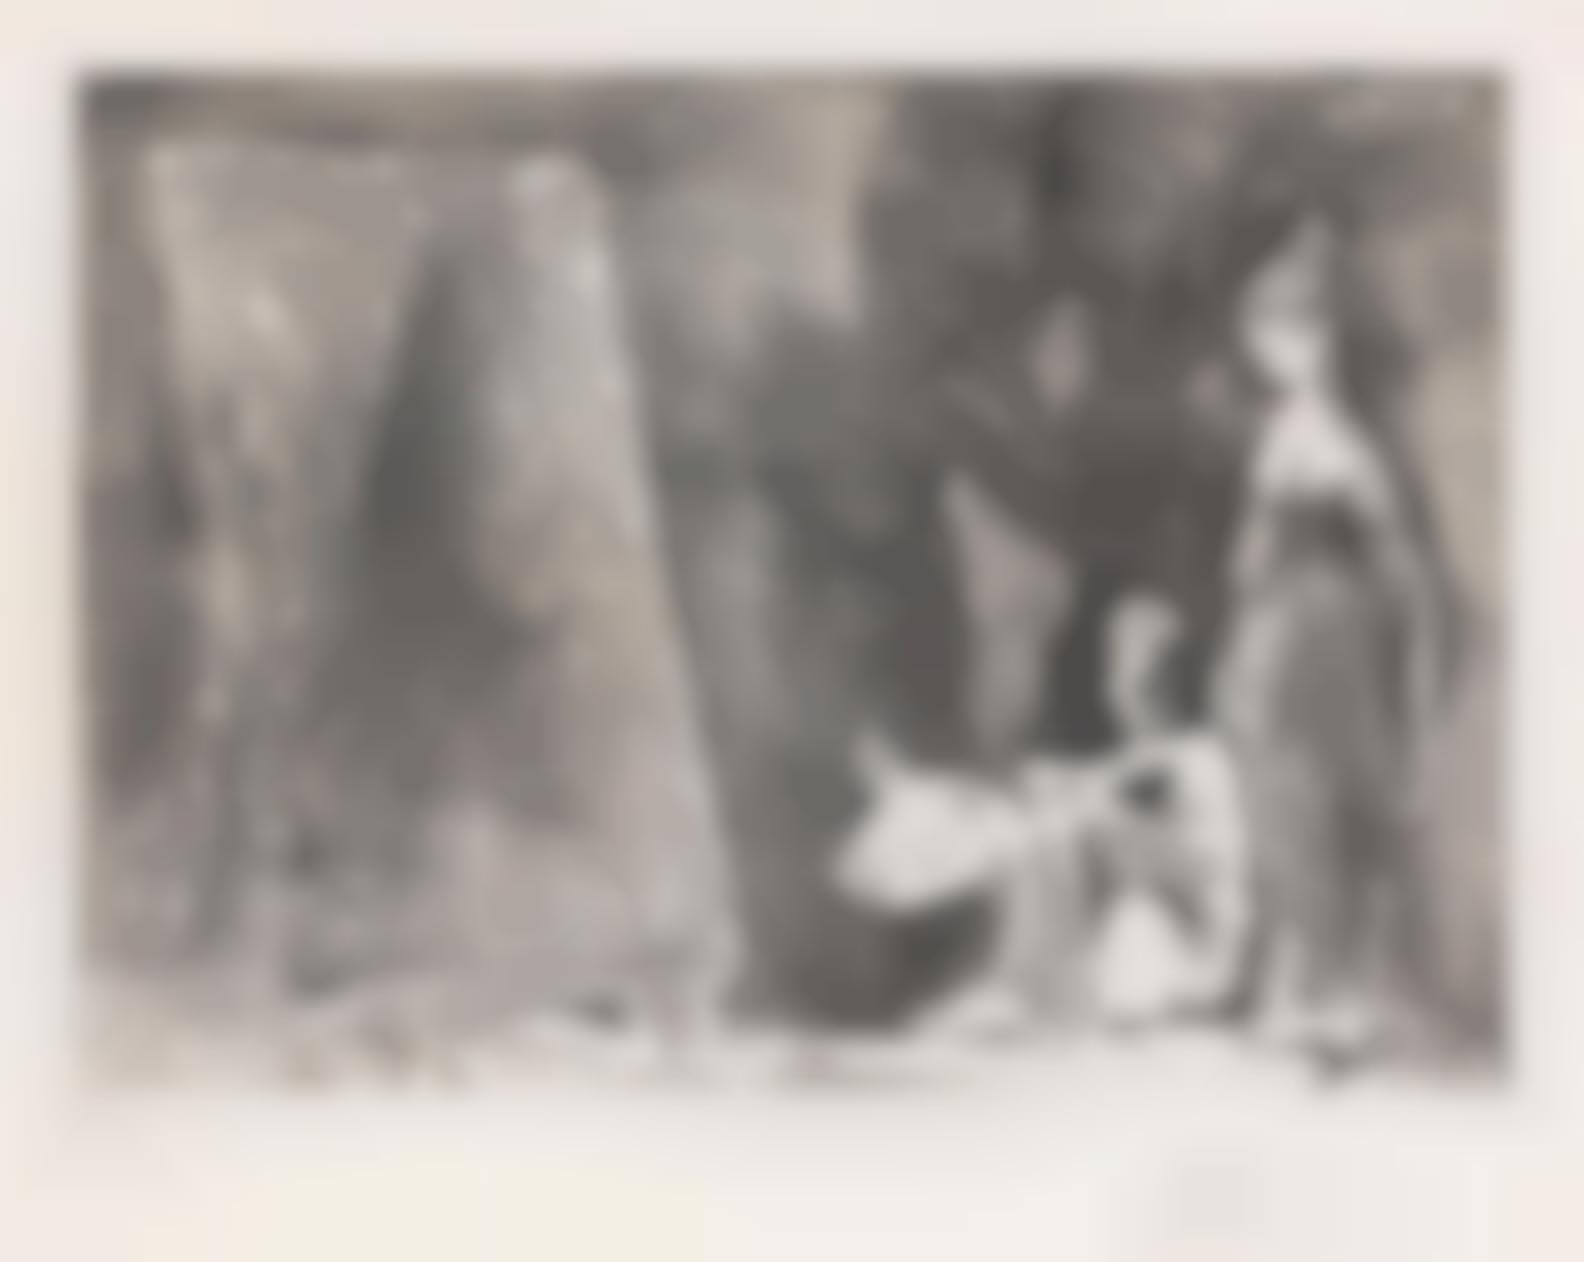 Pablo Picasso-Peintre Devant Sa Toile, Avec Un Modele, Pensant A Son Sujet: Deux Femmes, From Series 347 (Bloch 1519; Baer 1535.Bb1)-1968